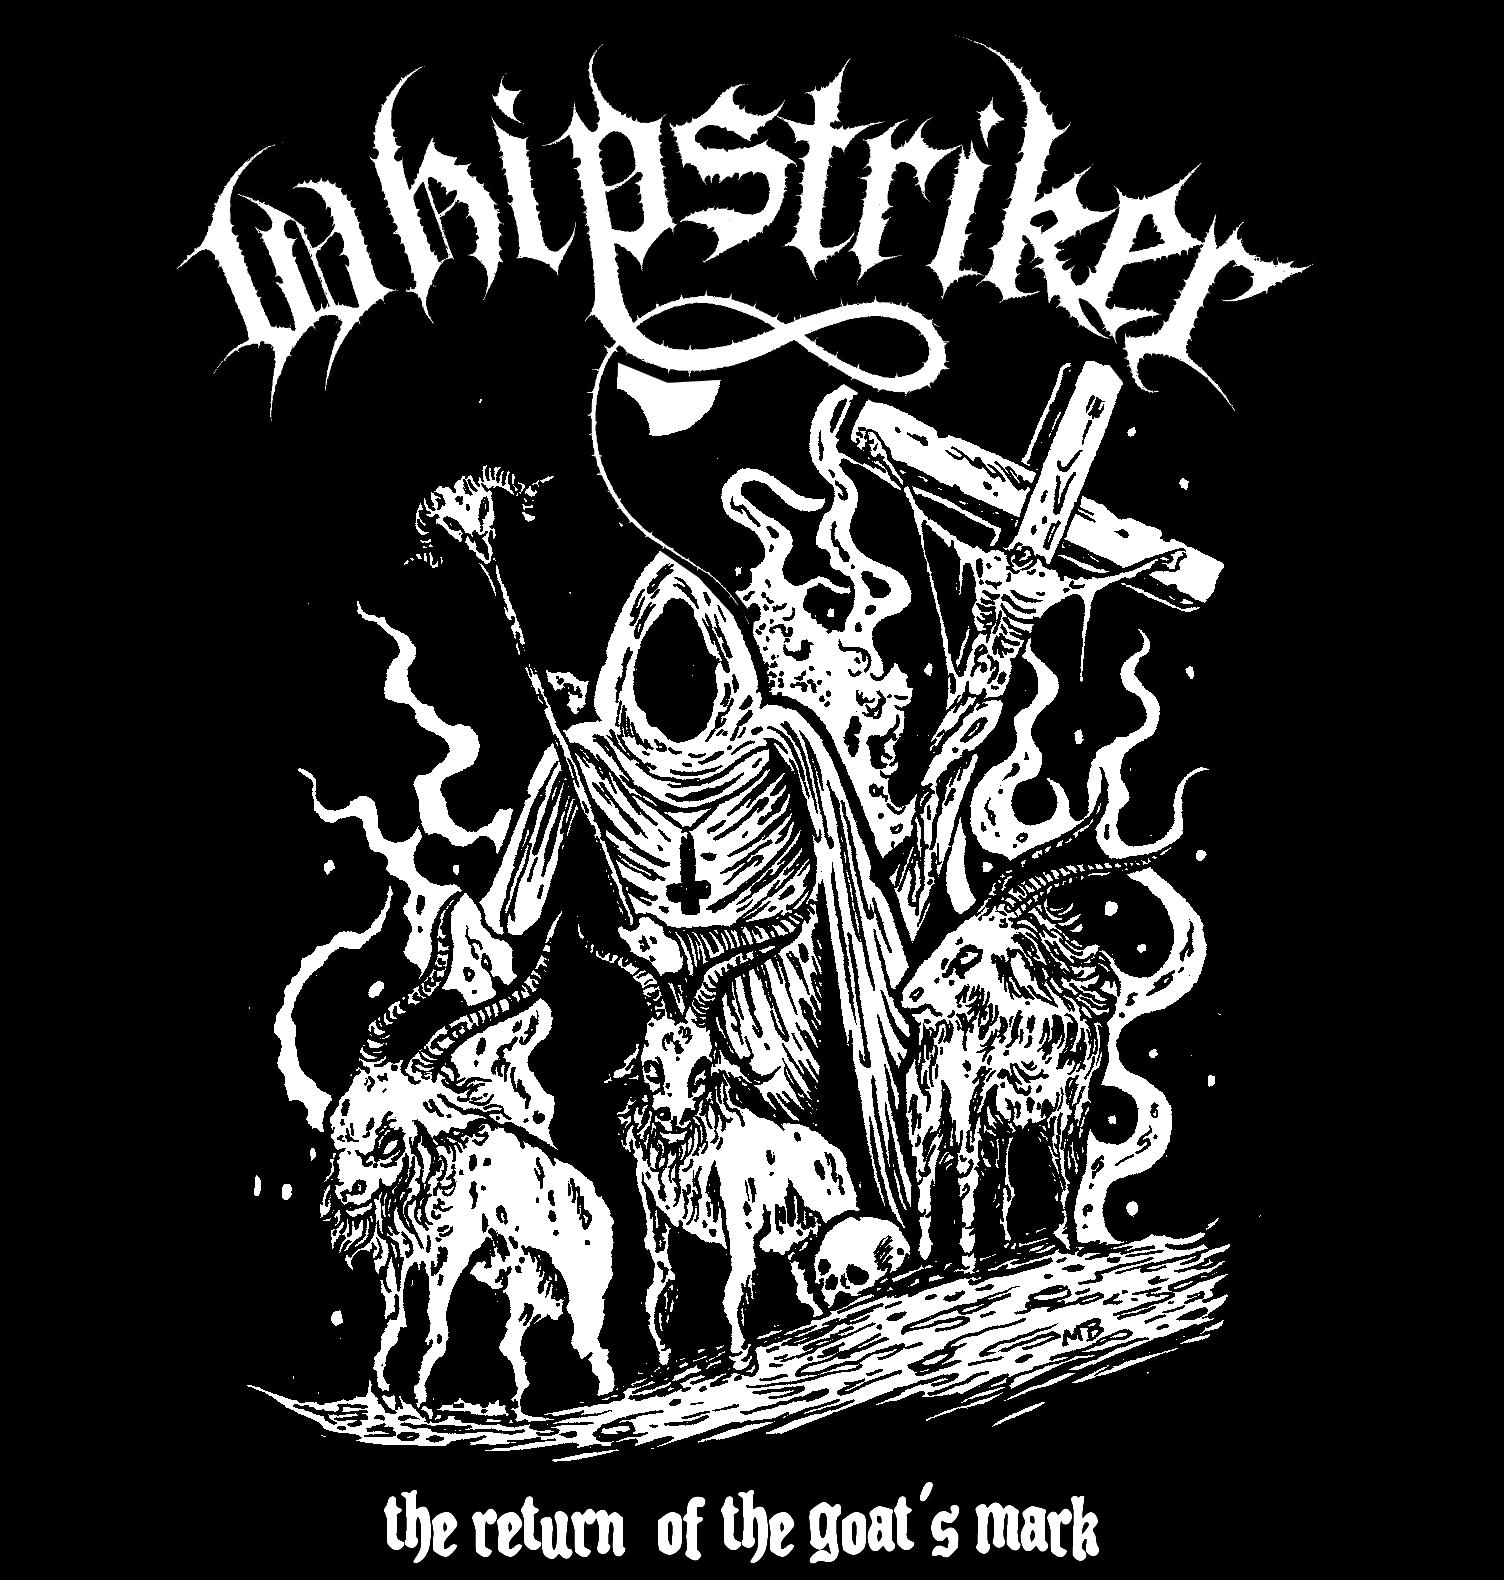 Whipstriker - The Return Of The Goat's Mark - 2014